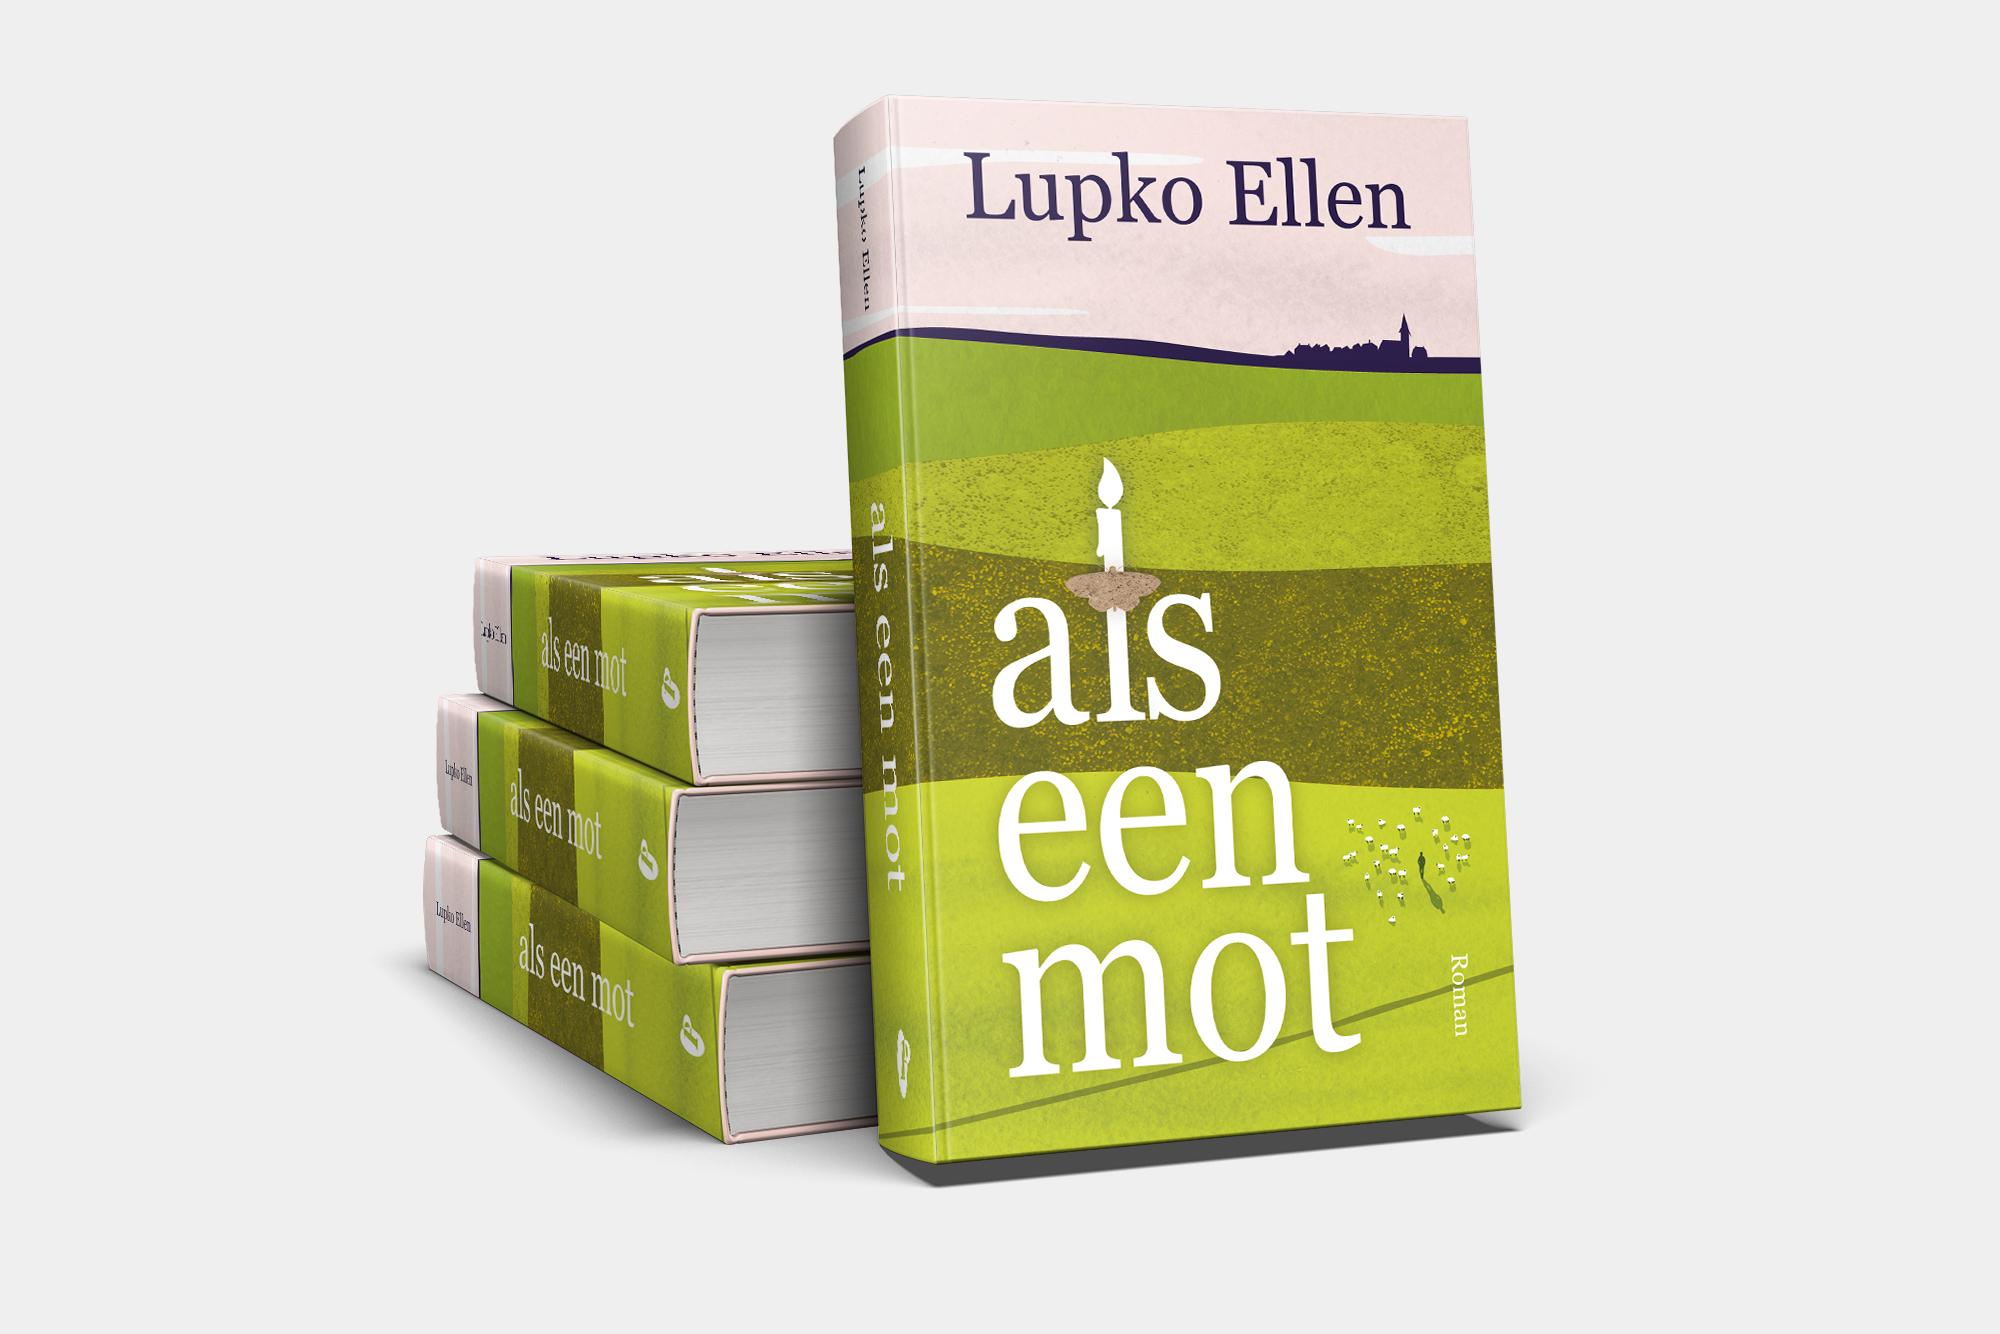 Boekomslag vormgeving_Lupko Ellen_Grafisch Ontwerp_boekvormgeving